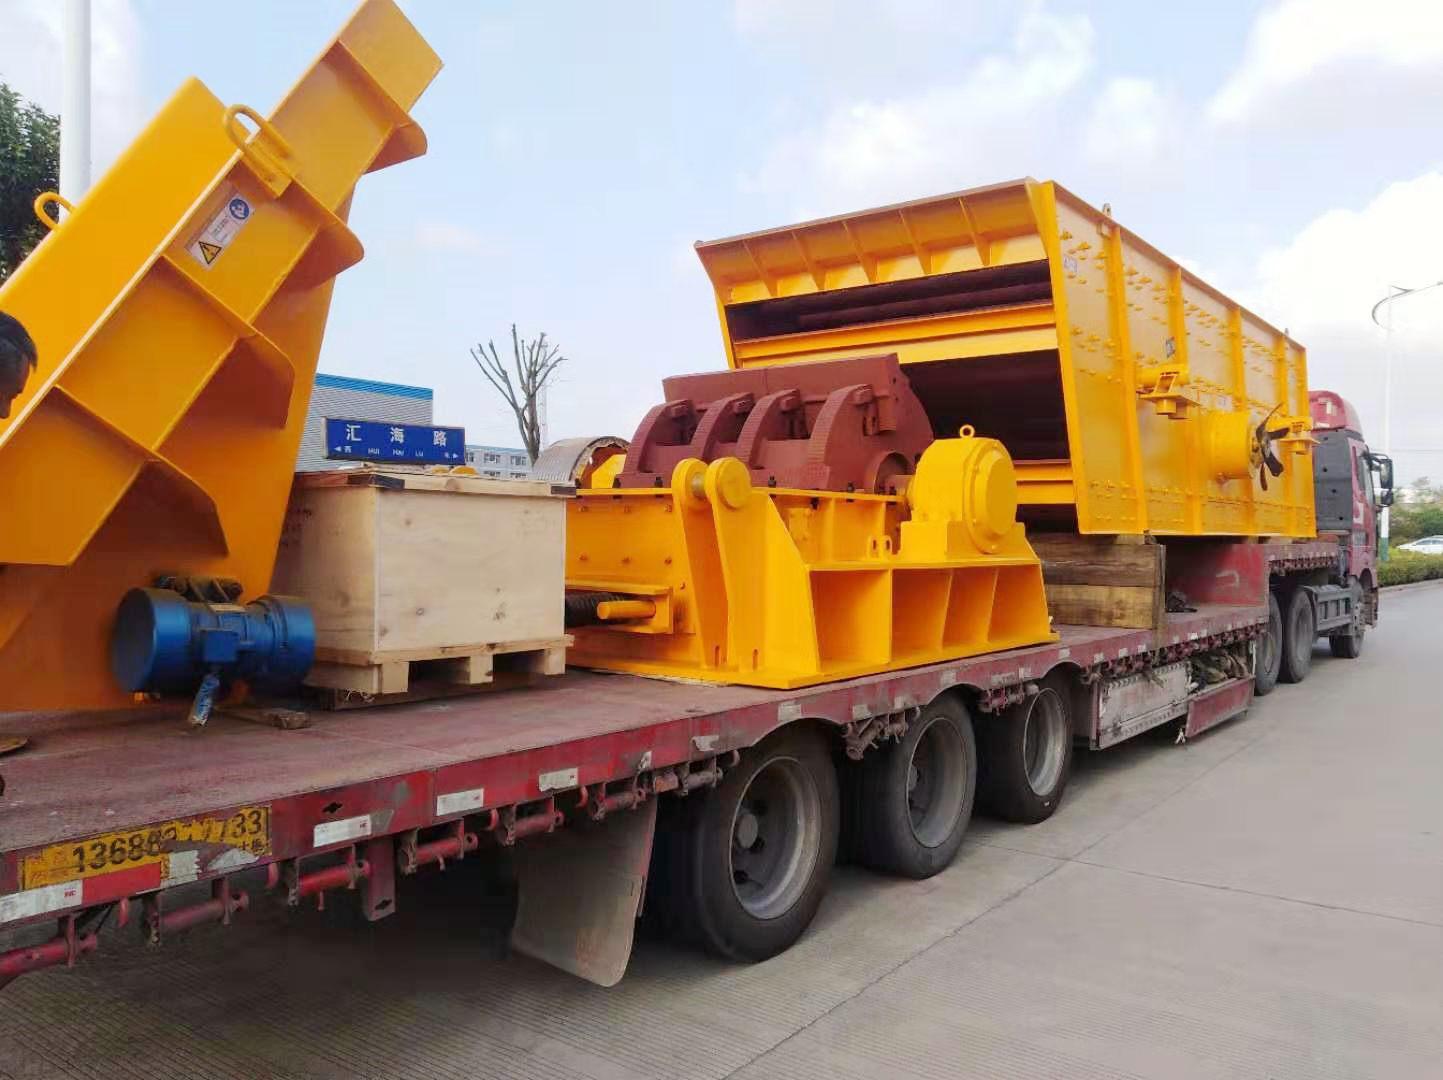 湖南时产300吨砂石生产线破碎制砂设备发货回顾